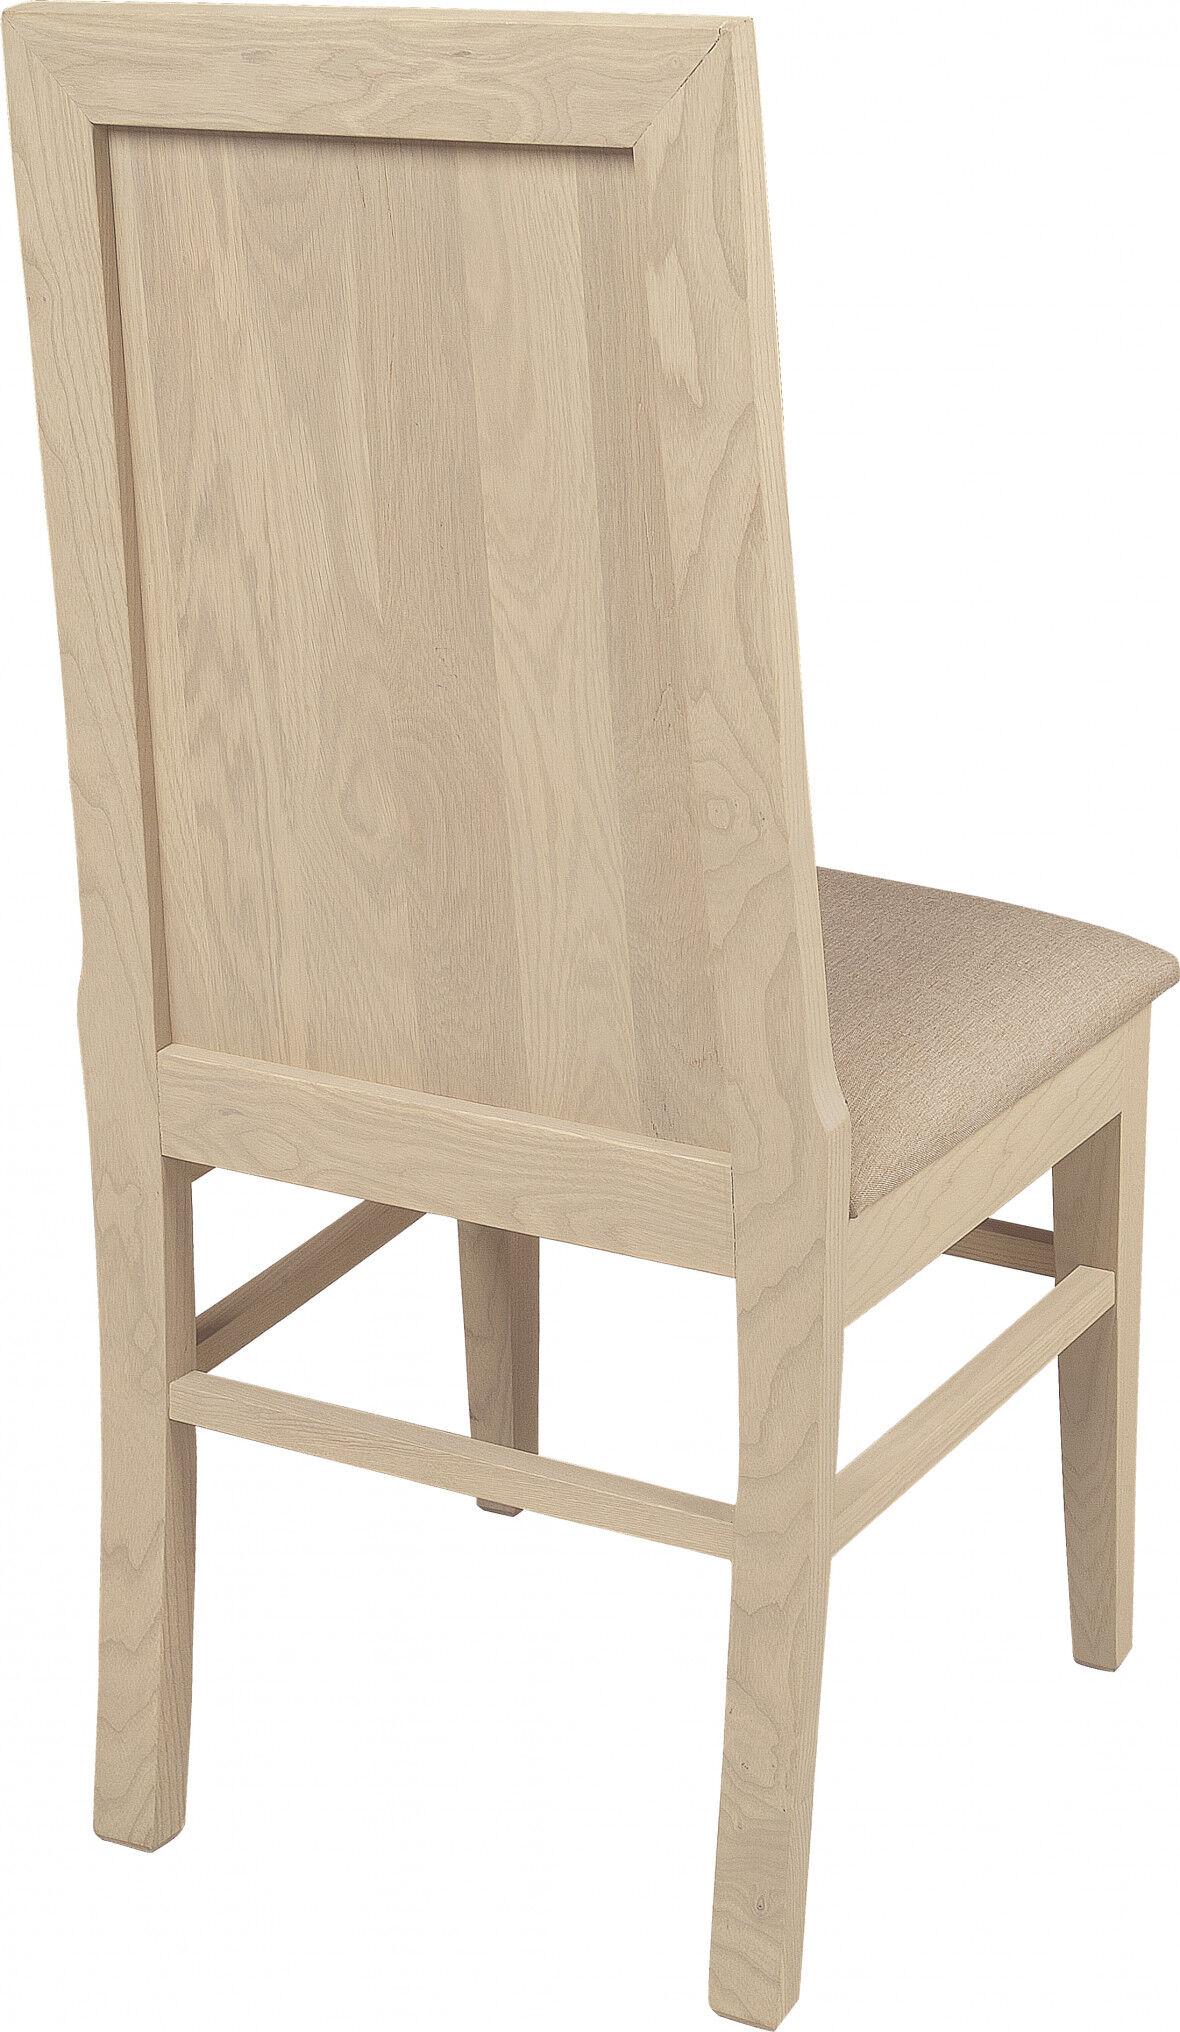 Chaise chêne massif blanc pierre assise et dossier tapissés